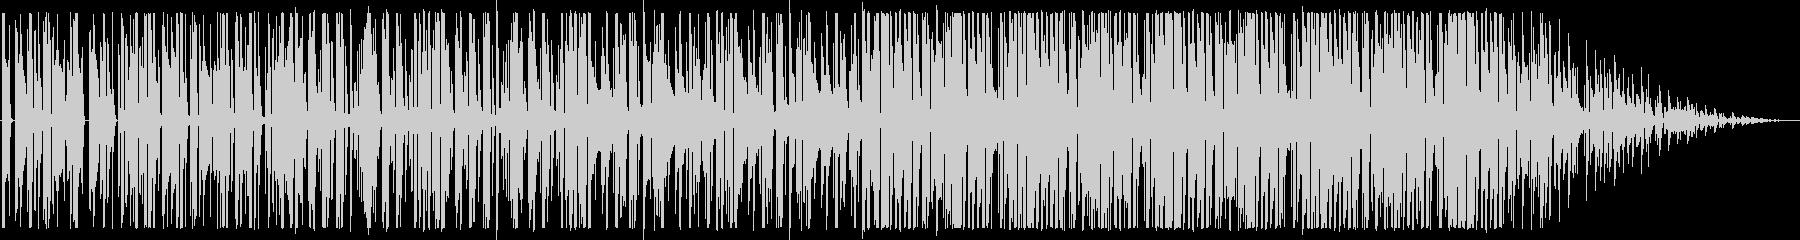 ビートの強いヒップホップ_No445_3の未再生の波形